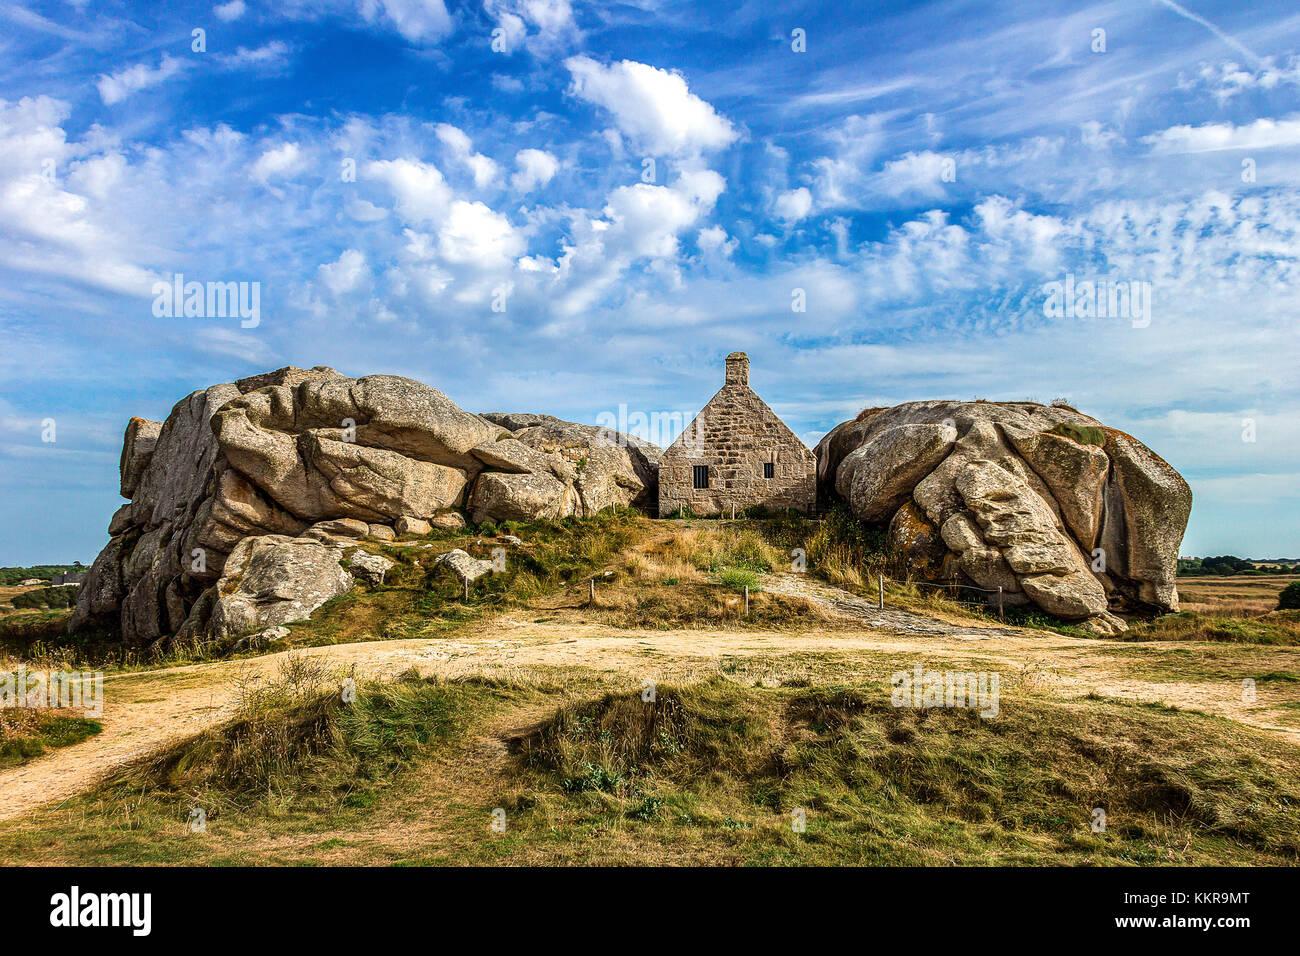 Maison dans les rochers meneham kerlouan france banque for Achat maison kerlouan